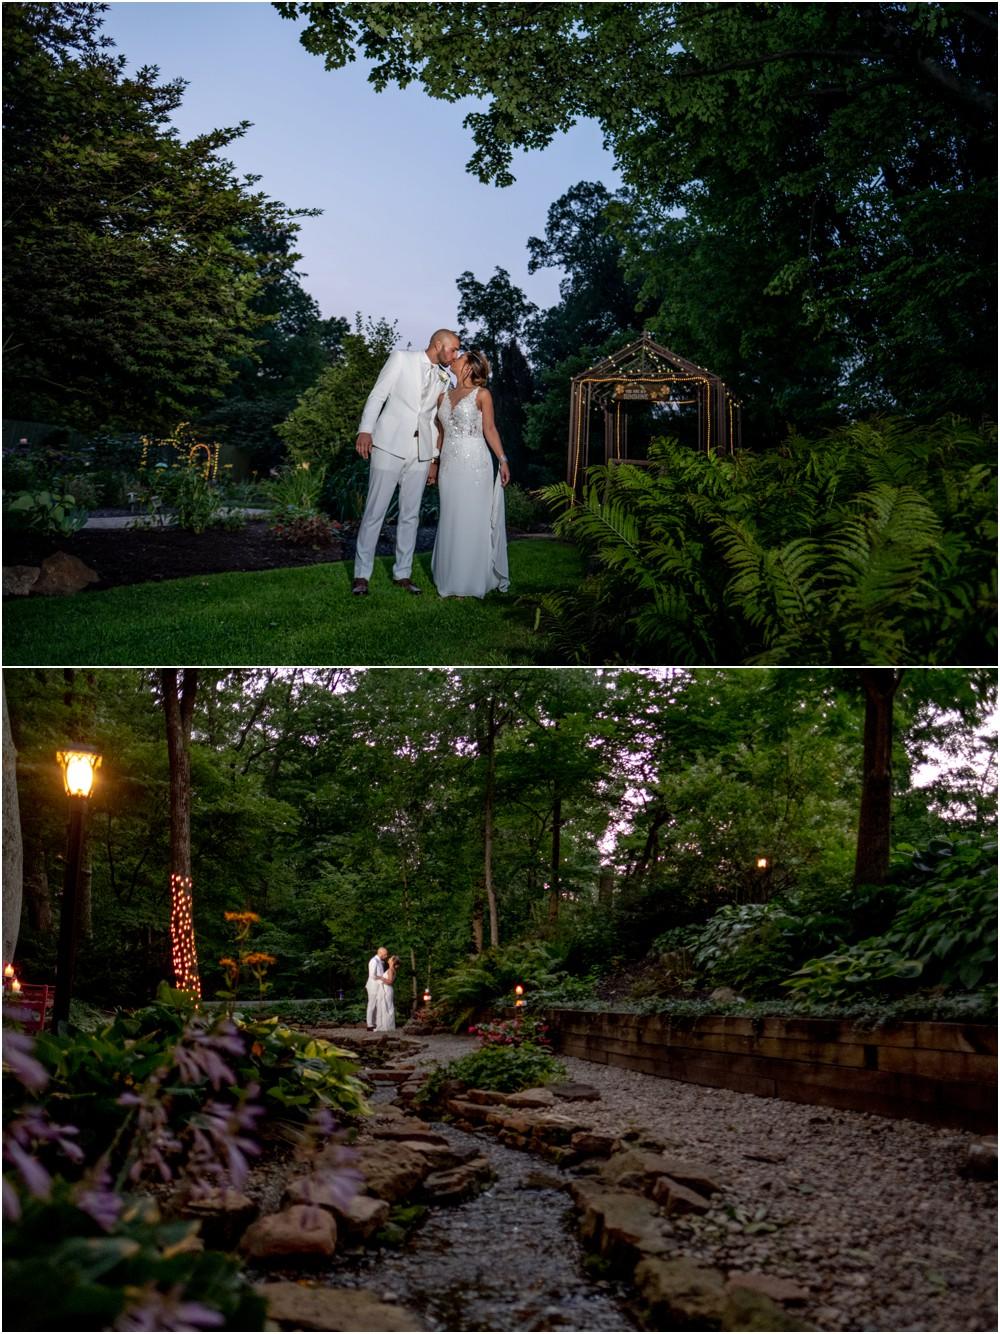 wedding-pictures-at-Avon-gardens_0021.jpg